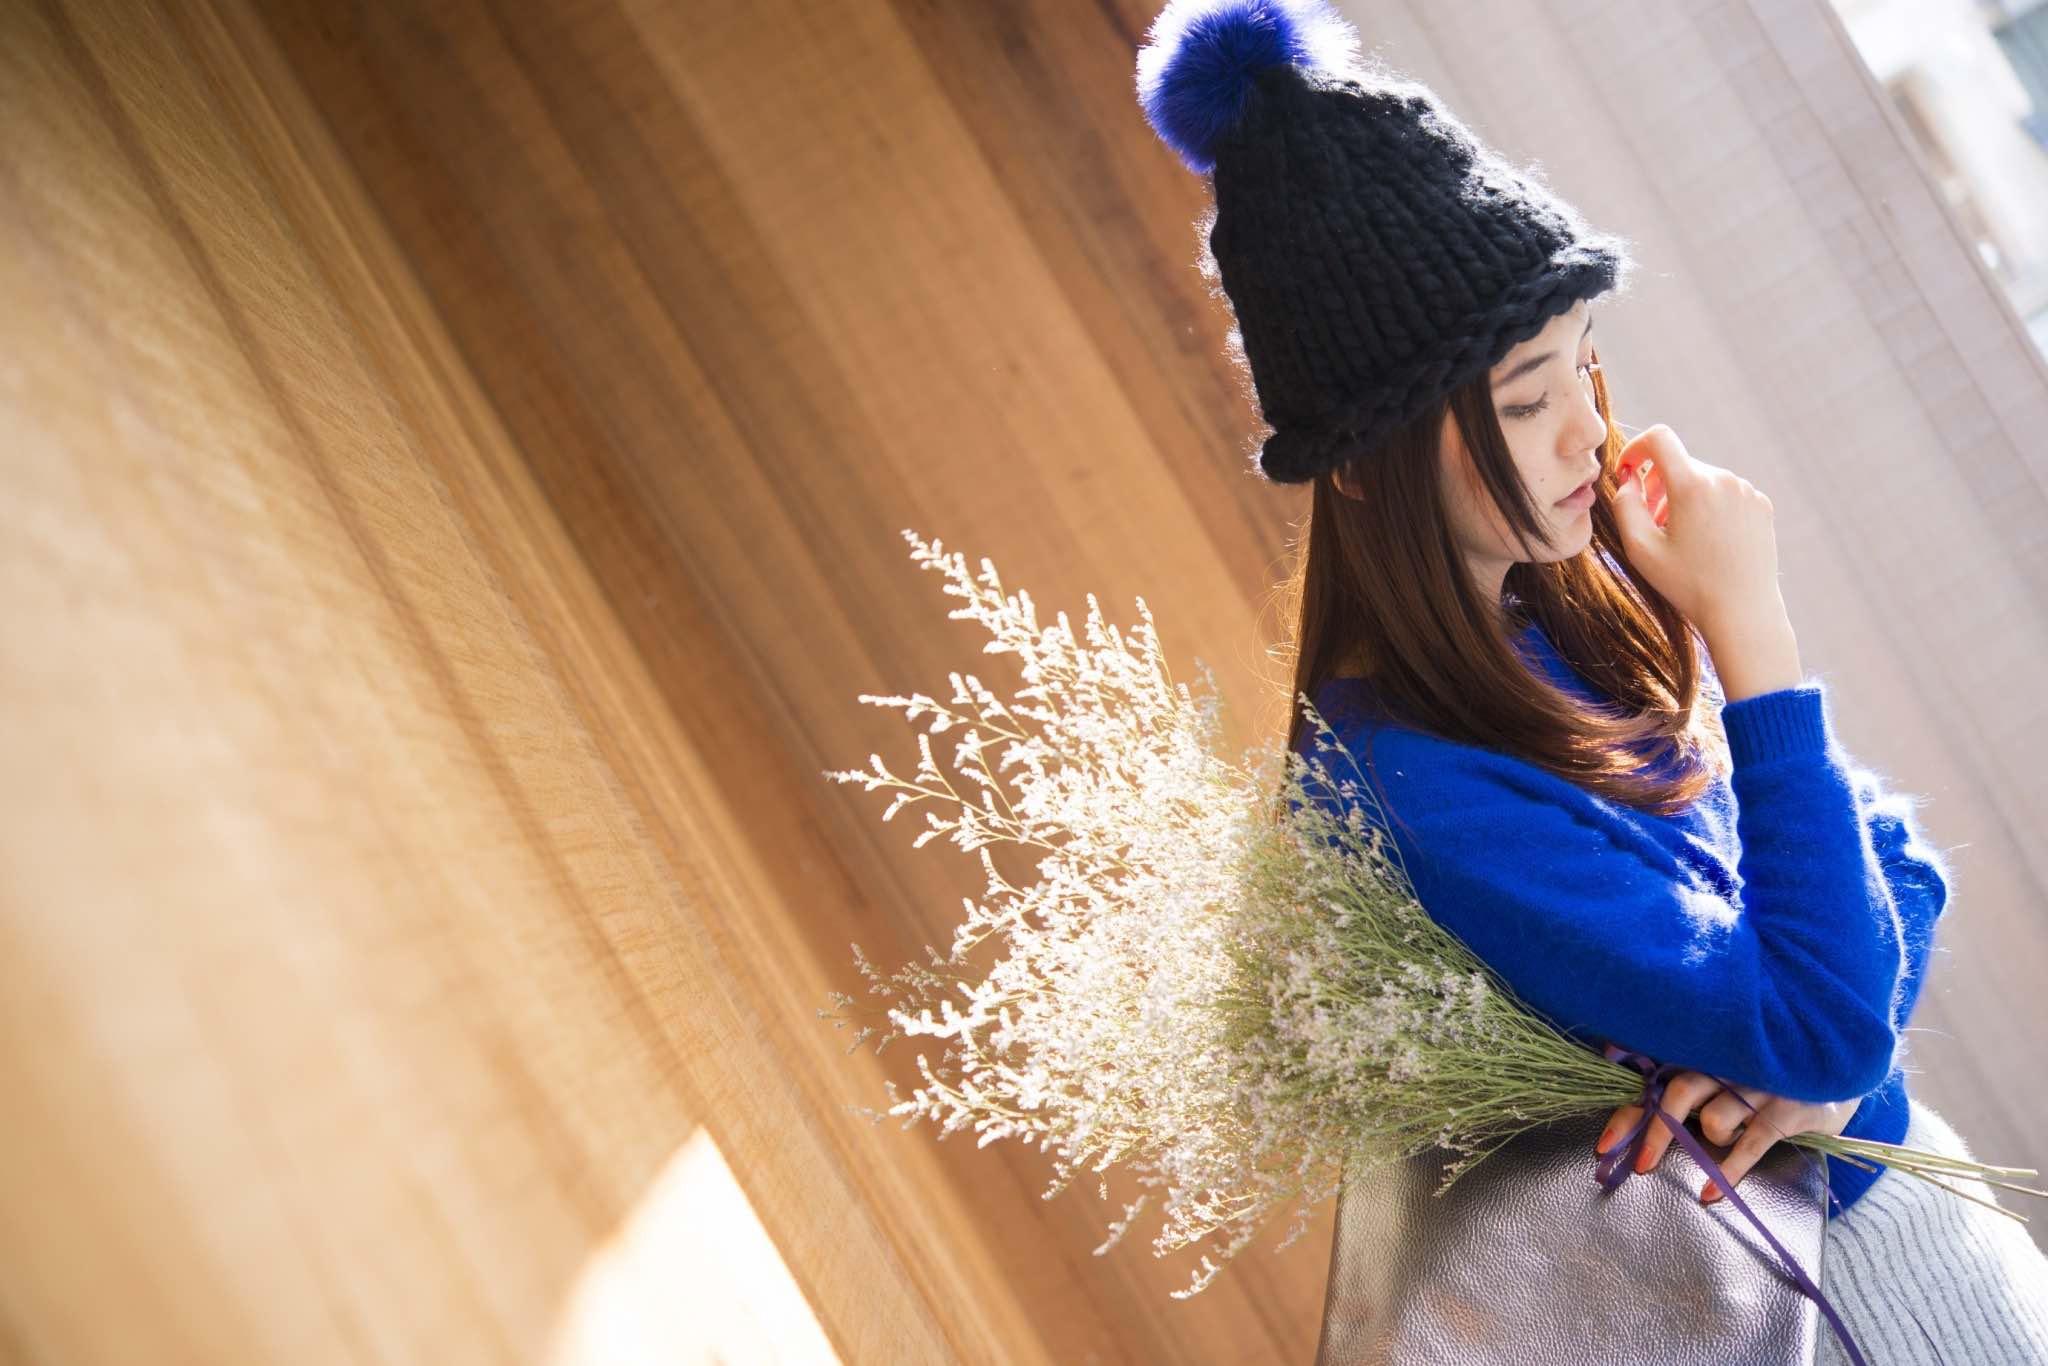 #1 あったかセーターで可愛く!プチプラコーデ術【Girly Style】